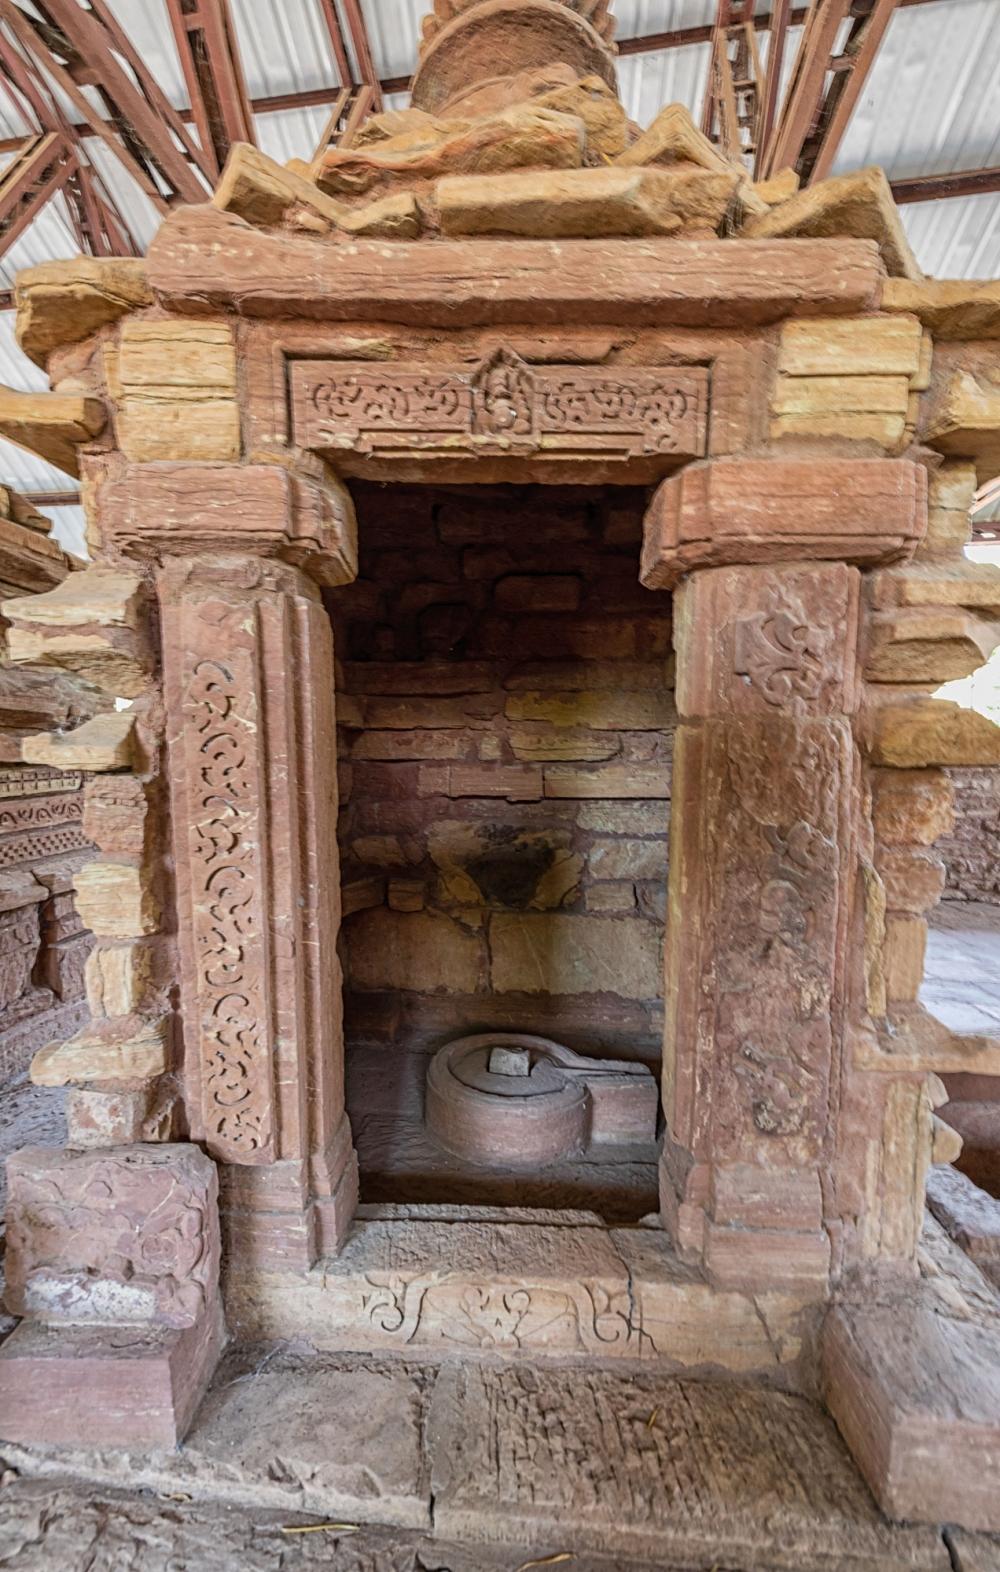 An East Facing Shrine